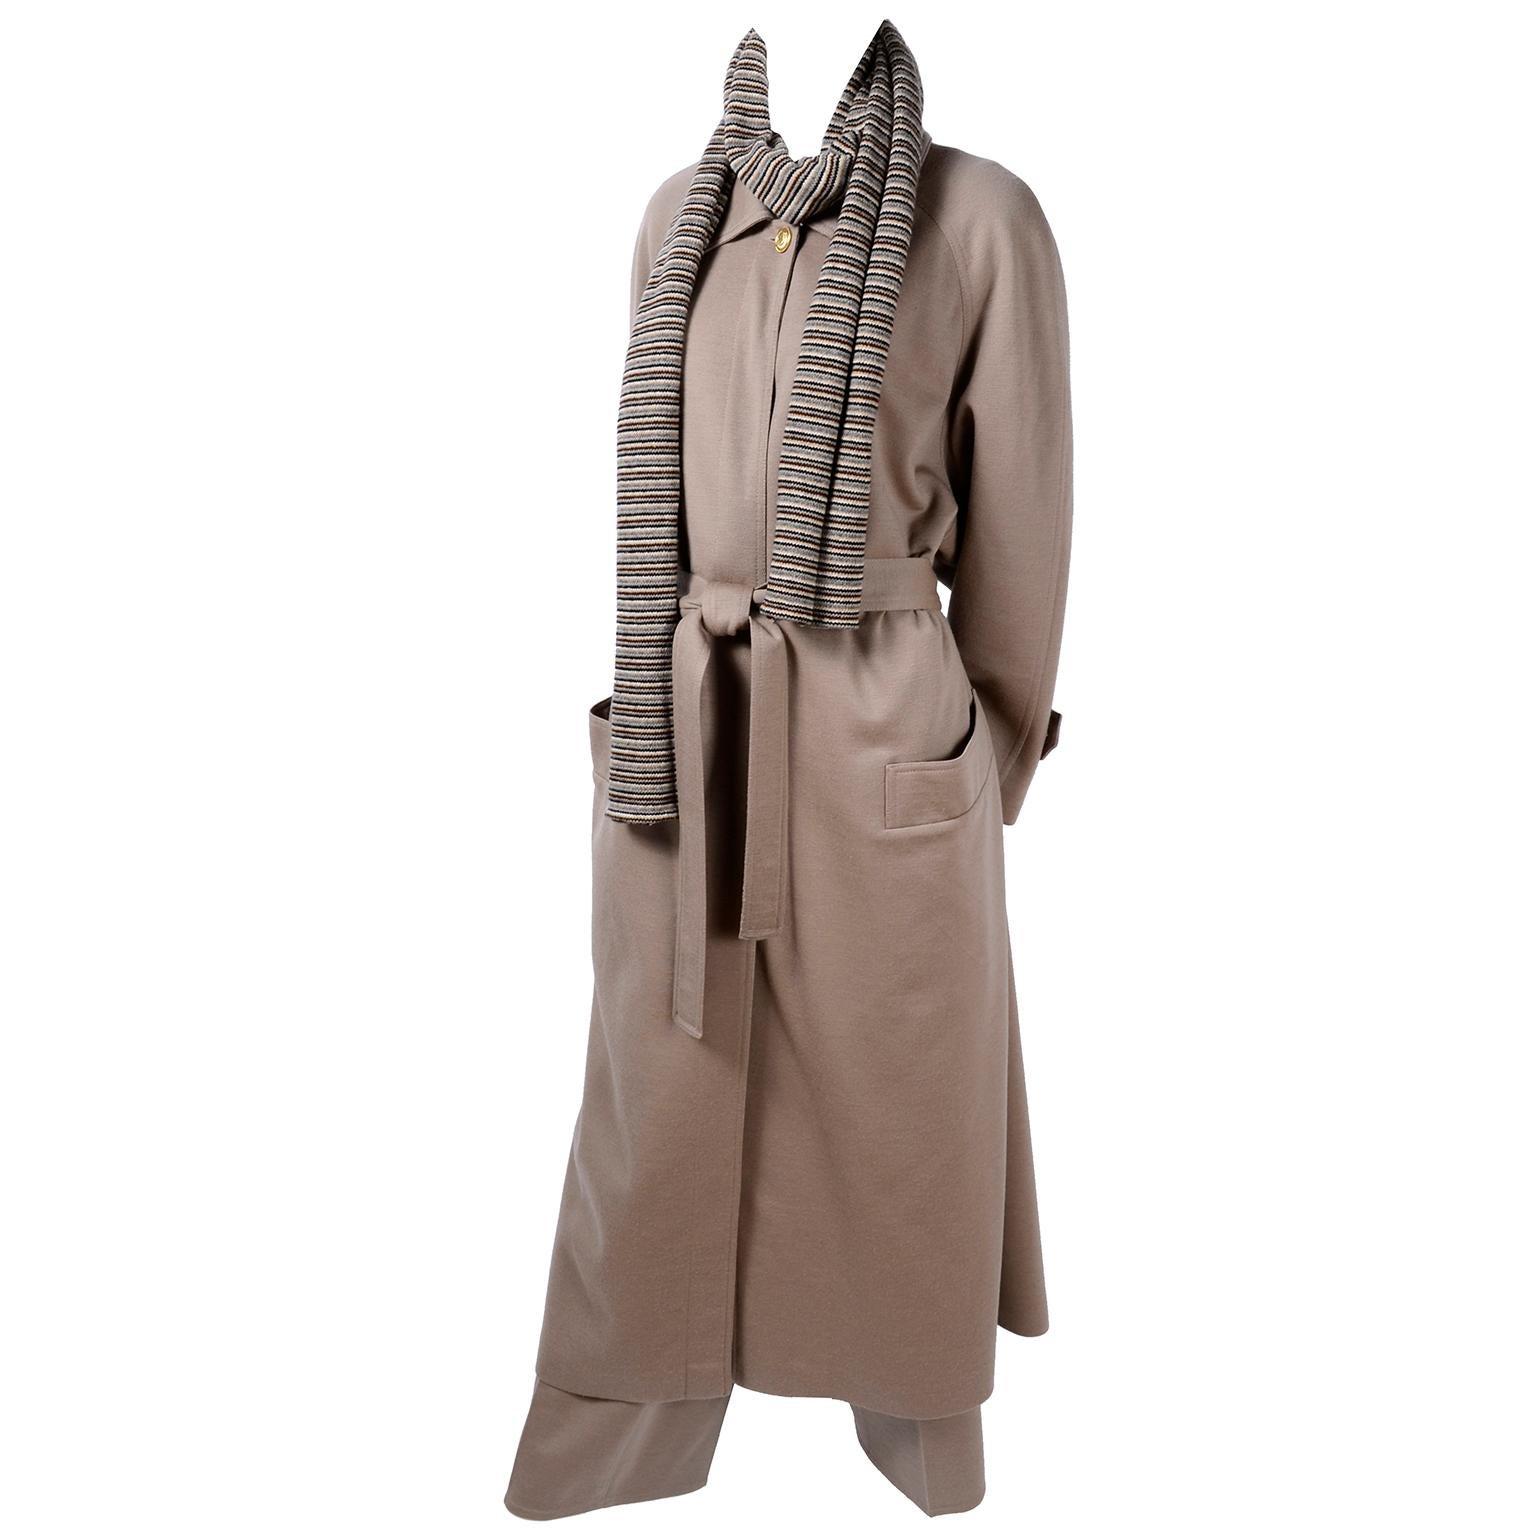 Sonia Rykiel Paris Vintage Beige Wool Trousers Coat and Scarf Pants Suit